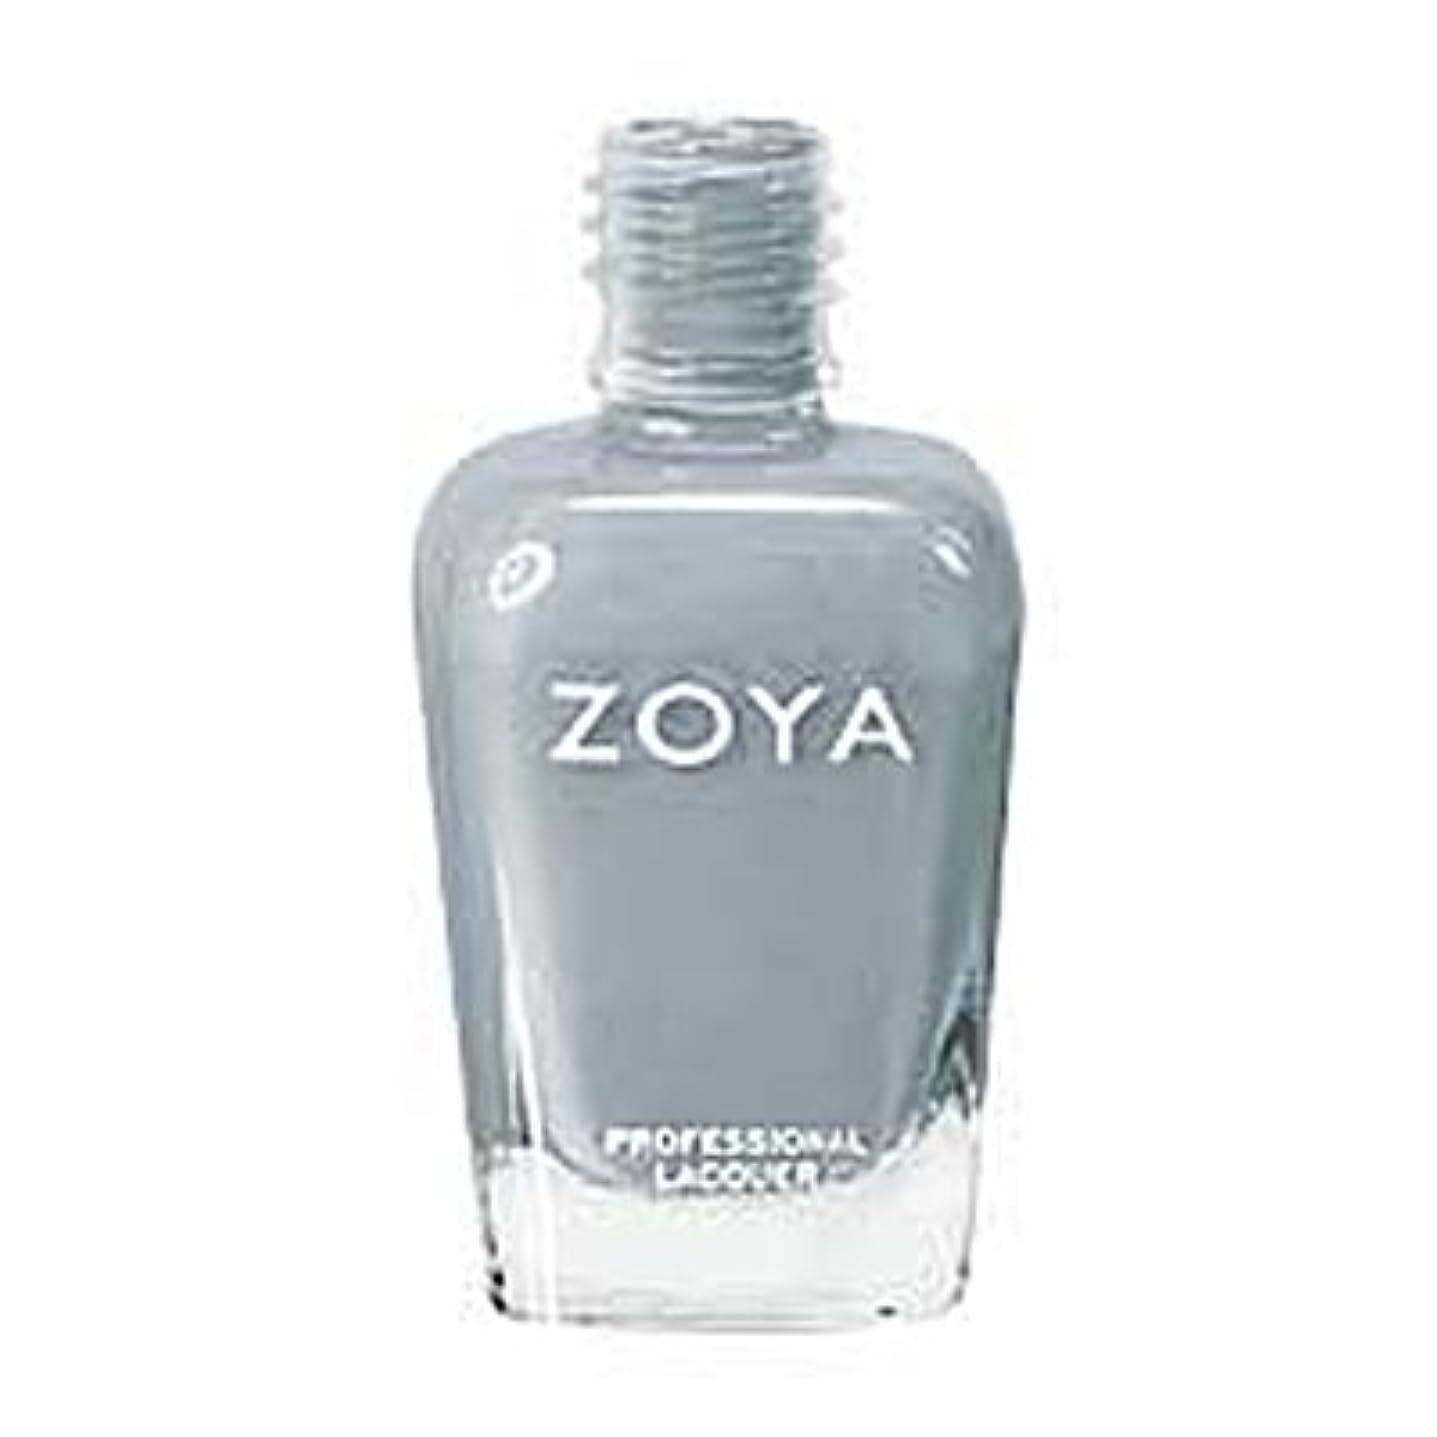 マイコンベックス殺人者[Zoya] ZP591 クリスティン [Feel Collection][並行輸入品][海外直送品]